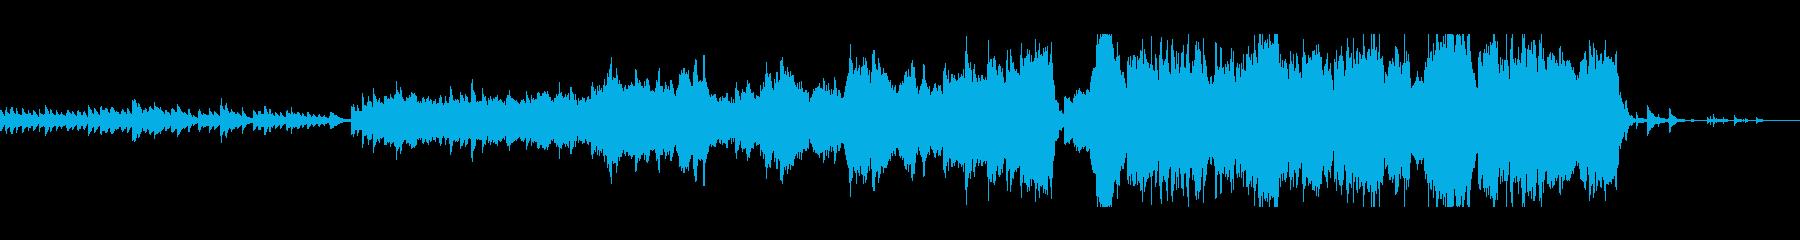 ピアノの前奏から盛り上がる曲。の再生済みの波形